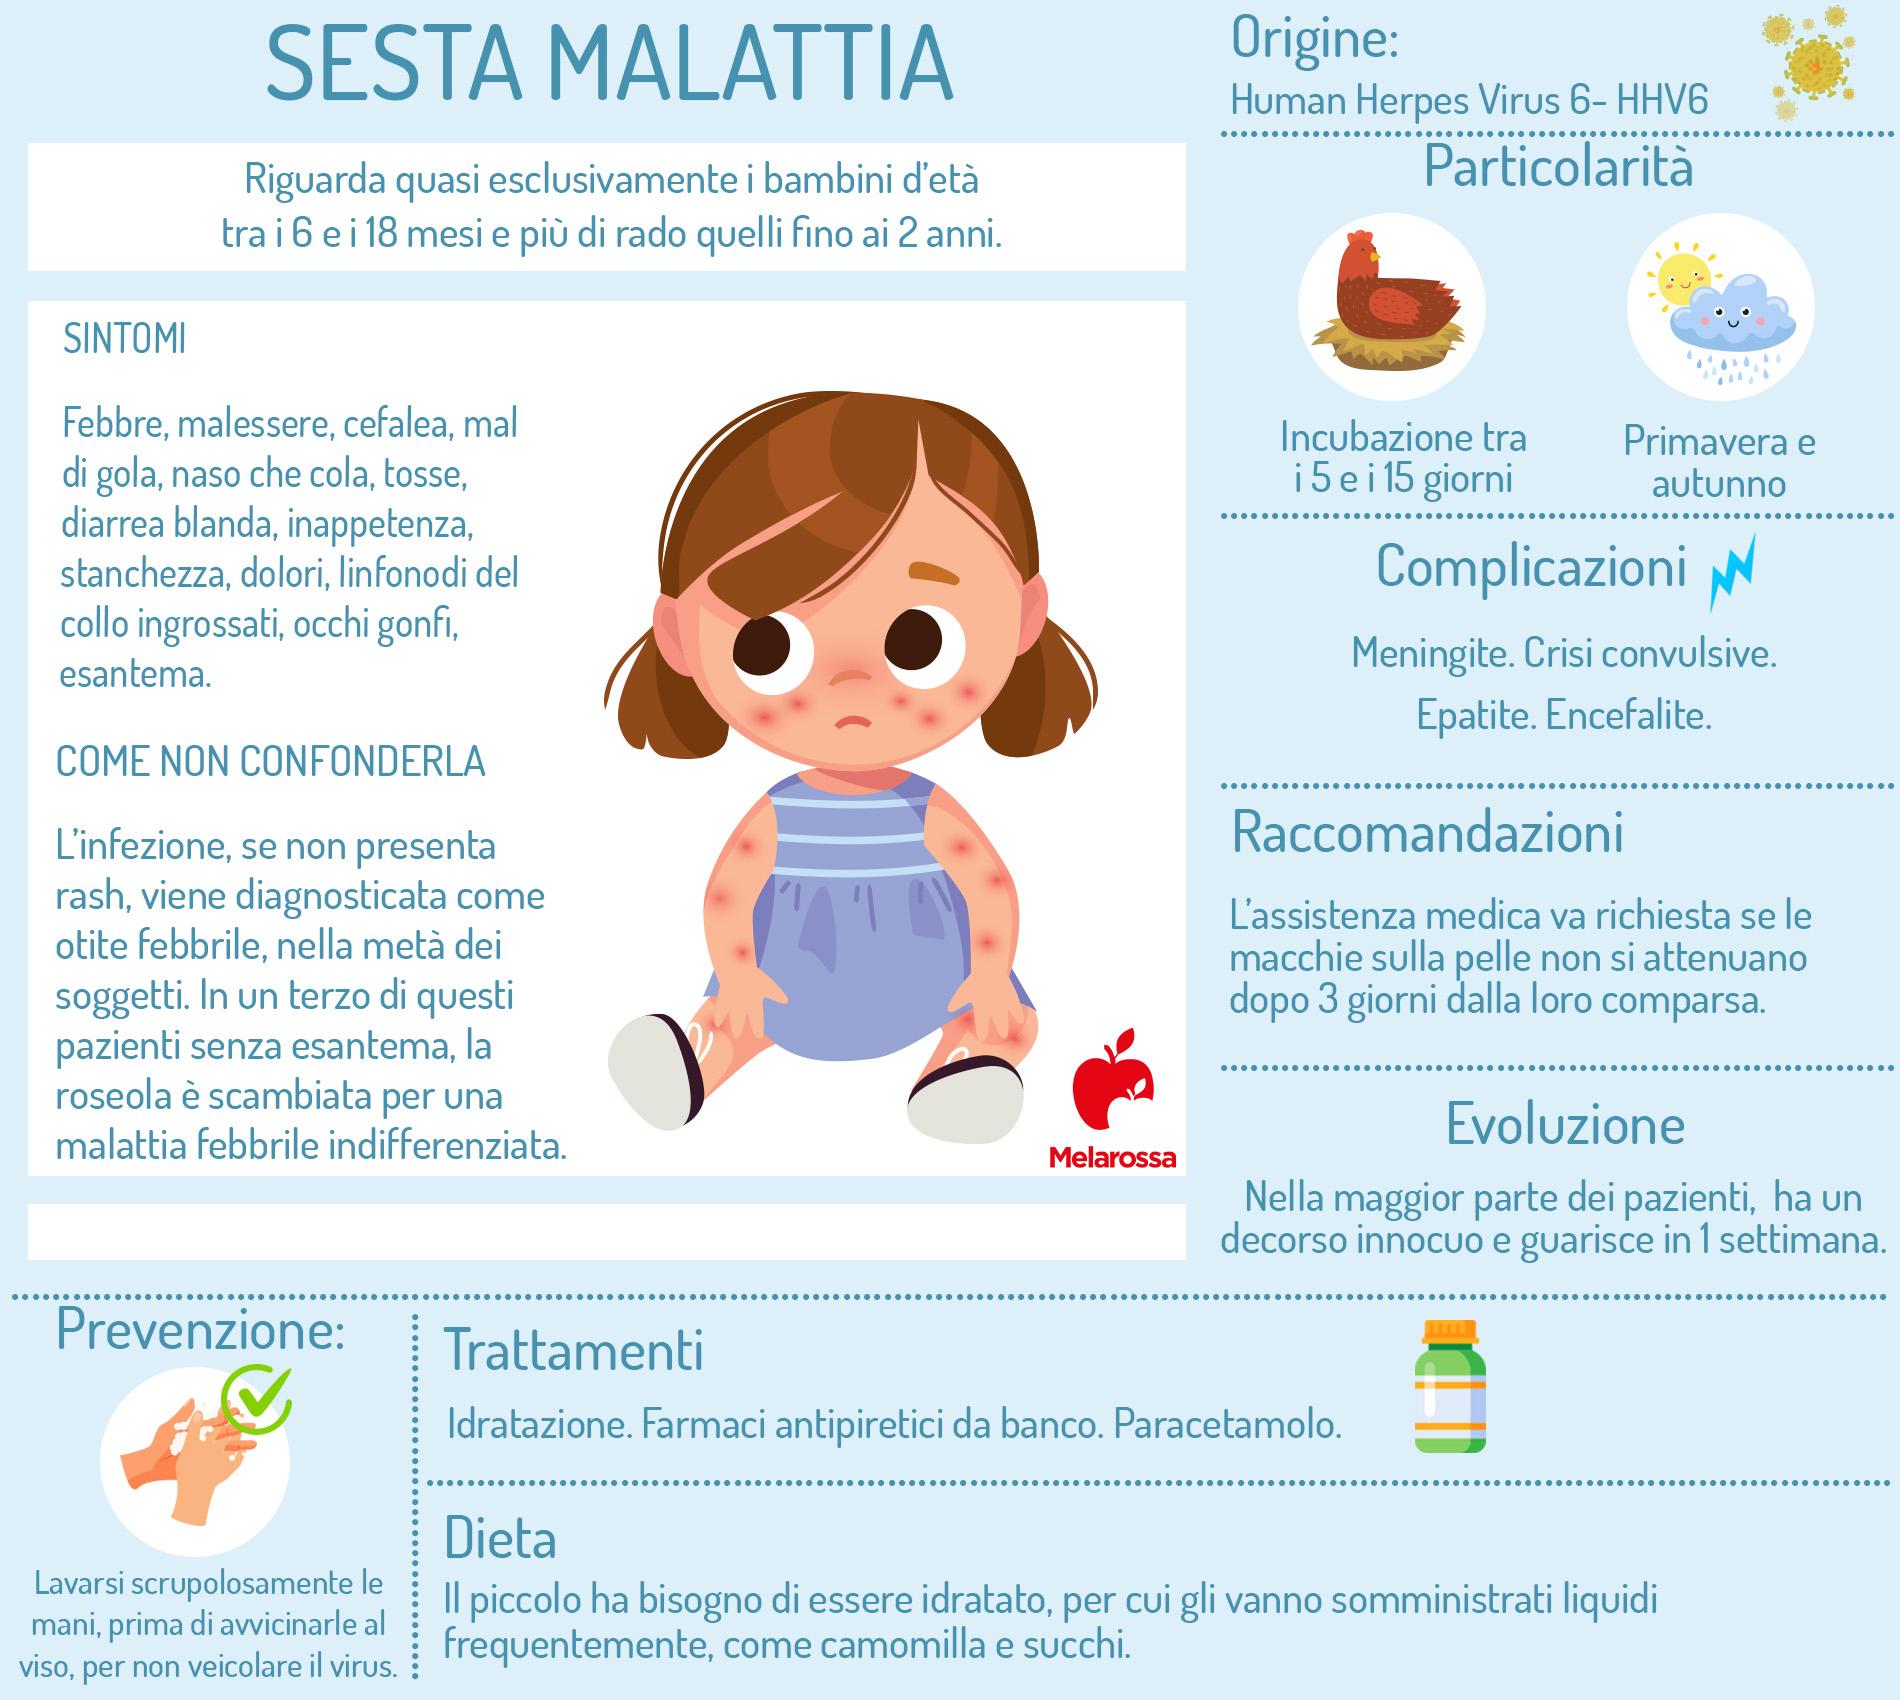 malattie esantematiche: sesta malattia